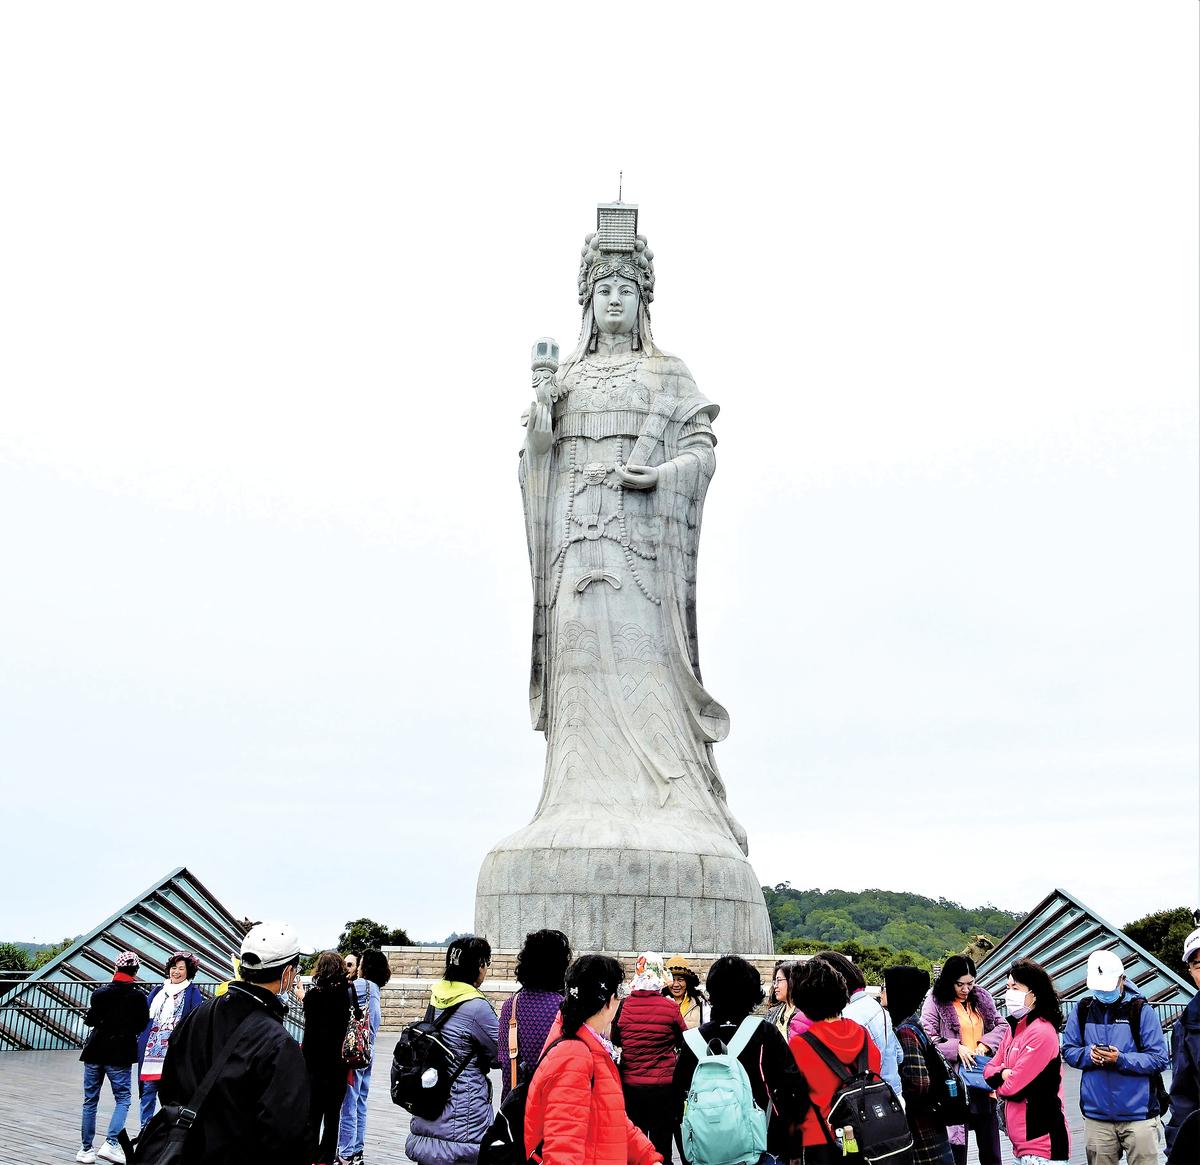 2009年在馬港天后宮的山上立起了高28.8公尺的巨大媽祖神像。